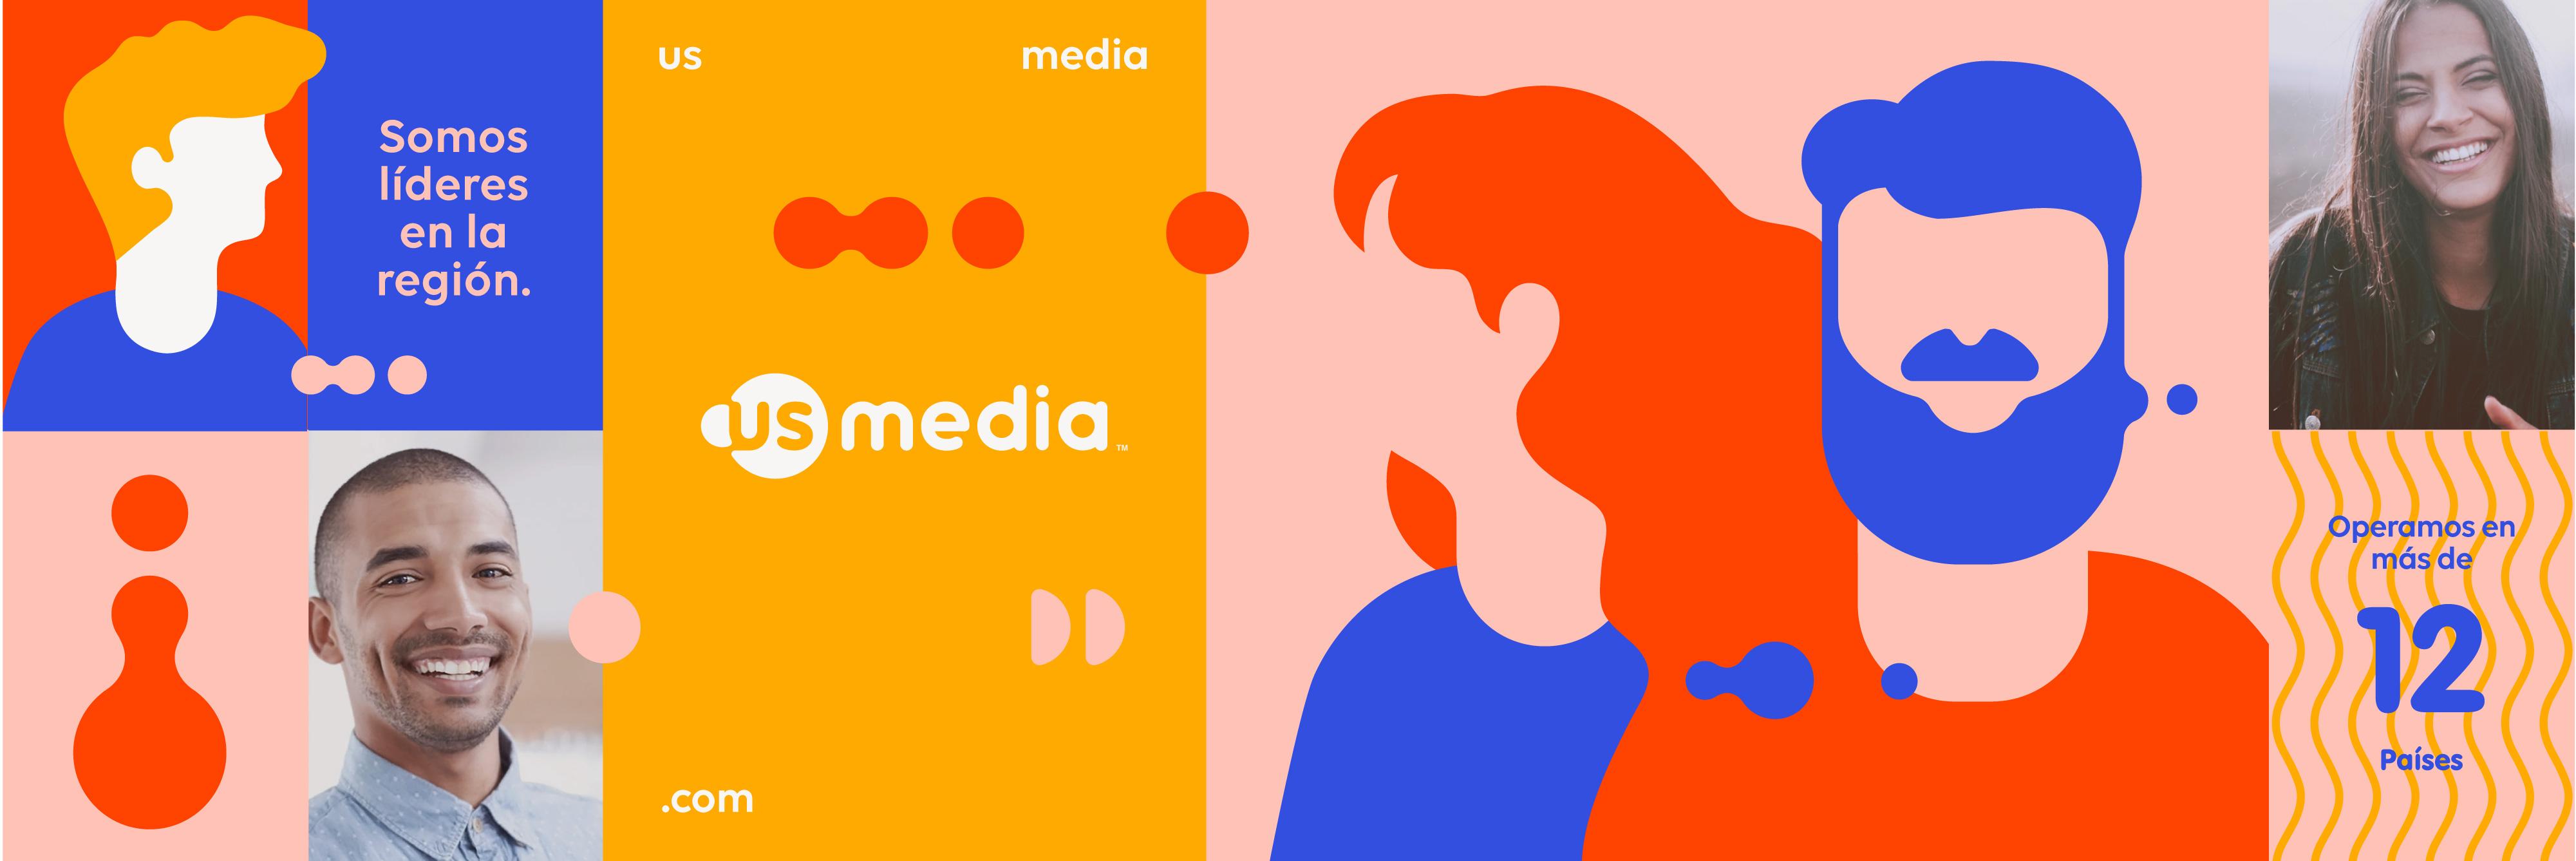 us_media-08